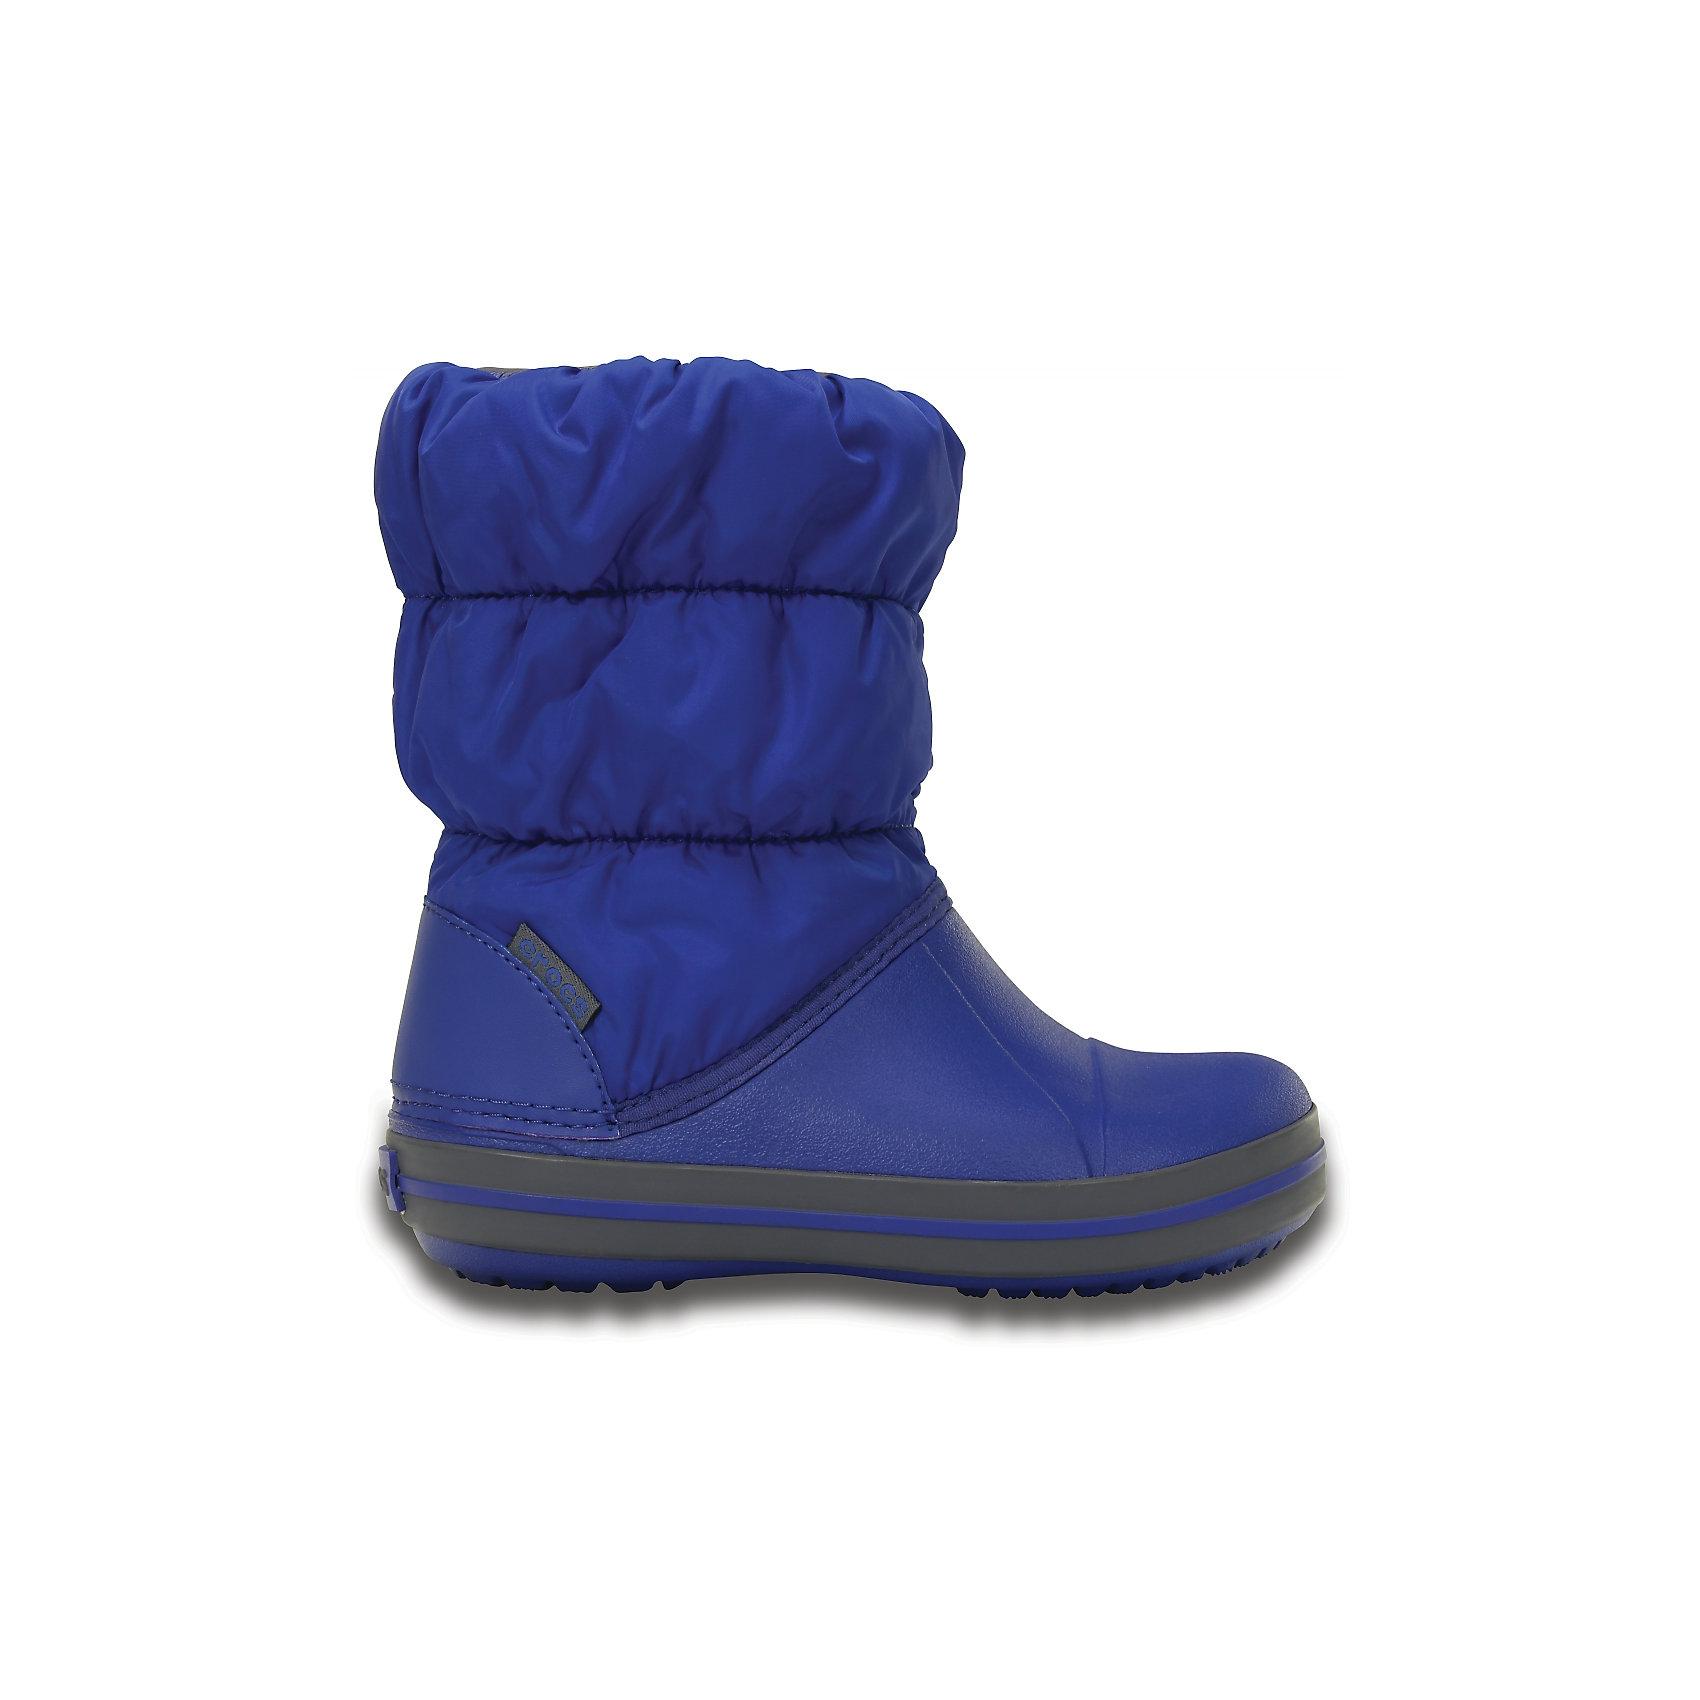 Сапоги Winter Puff для мальчика CROCSХарактеристики товара:<br><br>• цвет: синий<br>• материал: верх - текстиль, низ -100% полимер Croslite™<br>• материал подкладки: текстиль<br>• непромокаемая носочная часть<br>• температурный режим: от -15° до +10° С<br>• легко очищаются<br>• антискользящая подошва<br>• резинка наверху<br>• толстая устойчивая подошва<br>• страна бренда: США<br>• страна изготовитель: Китай<br><br>Сапоги могут быть и стильными, и теплыми! Для детской обуви крайне важно, чтобы она была удобной. Такие сапоги обеспечивают детям необходимый комфорт, а теплая подкладка создает особый микроклимат. Сапоги легко надеваются и снимаются, отлично сидят на ноге. Материал, из которого они сделаны, не дает размножаться бактериям, поэтому такая обувь препятствует образованию неприятного запаха и появлению болезней стоп. Данная модель особенно понравится детям - ведь в них можно бегать по лужам!<br>Обувь от американского бренда Crocs в данный момент завоевала широкую популярность во всем мире, и это не удивительно - ведь она невероятно удобна. Её носят врачи, спортсмены, звёзды шоу-бизнеса, люди, которым много времени приходится бывать на ногах - они понимают, как важна комфортная обувь. Продукция Crocs - это качественные товары, созданные с применением новейших технологий. Обувь отличается стильным дизайном и продуманной конструкцией. Изделие производится из качественных и проверенных материалов, которые безопасны для детей.<br><br>Сапоги для мальчика от торговой марки Crocs можно купить в нашем интернет-магазине.<br><br>Ширина мм: 257<br>Глубина мм: 180<br>Высота мм: 130<br>Вес г: 420<br>Цвет: синий<br>Возраст от месяцев: 36<br>Возраст до месяцев: 48<br>Пол: Мужской<br>Возраст: Детский<br>Размер: 27,34/35,28,29,30,23,24,25,26,31/32,33/34<br>SKU: 5027469